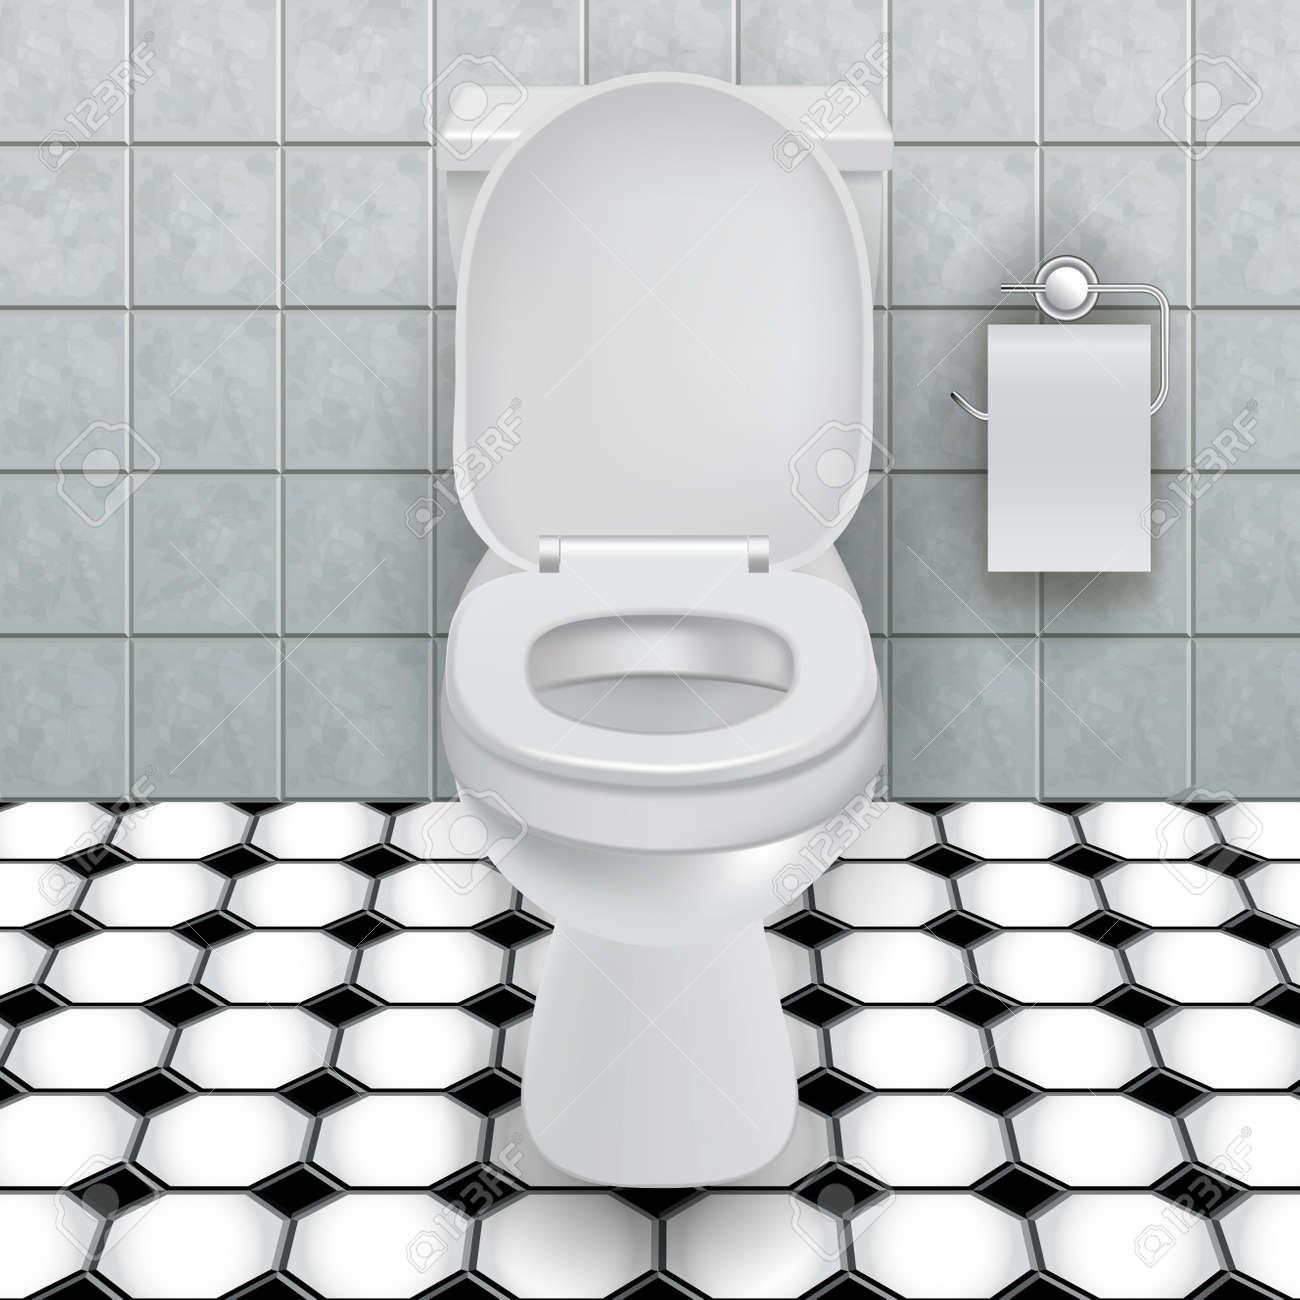 Taza del inodoro en un baño moderno. ilustración vectorial ...